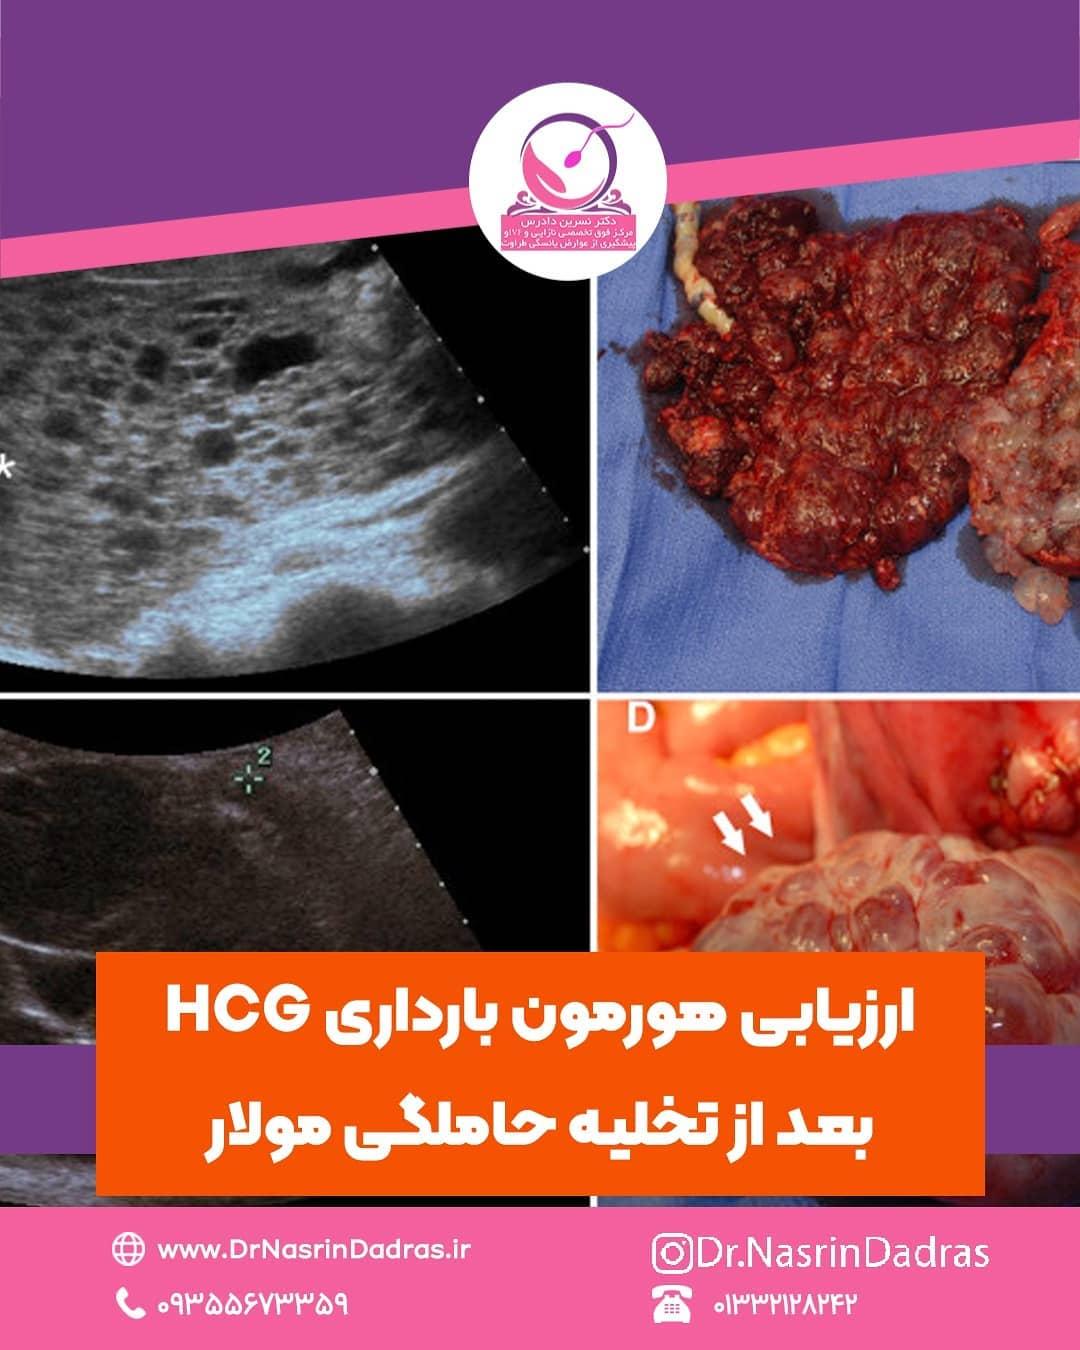 ارزیابی هورمون بارداری HCG بعد از تخلیه حاملگی مولار